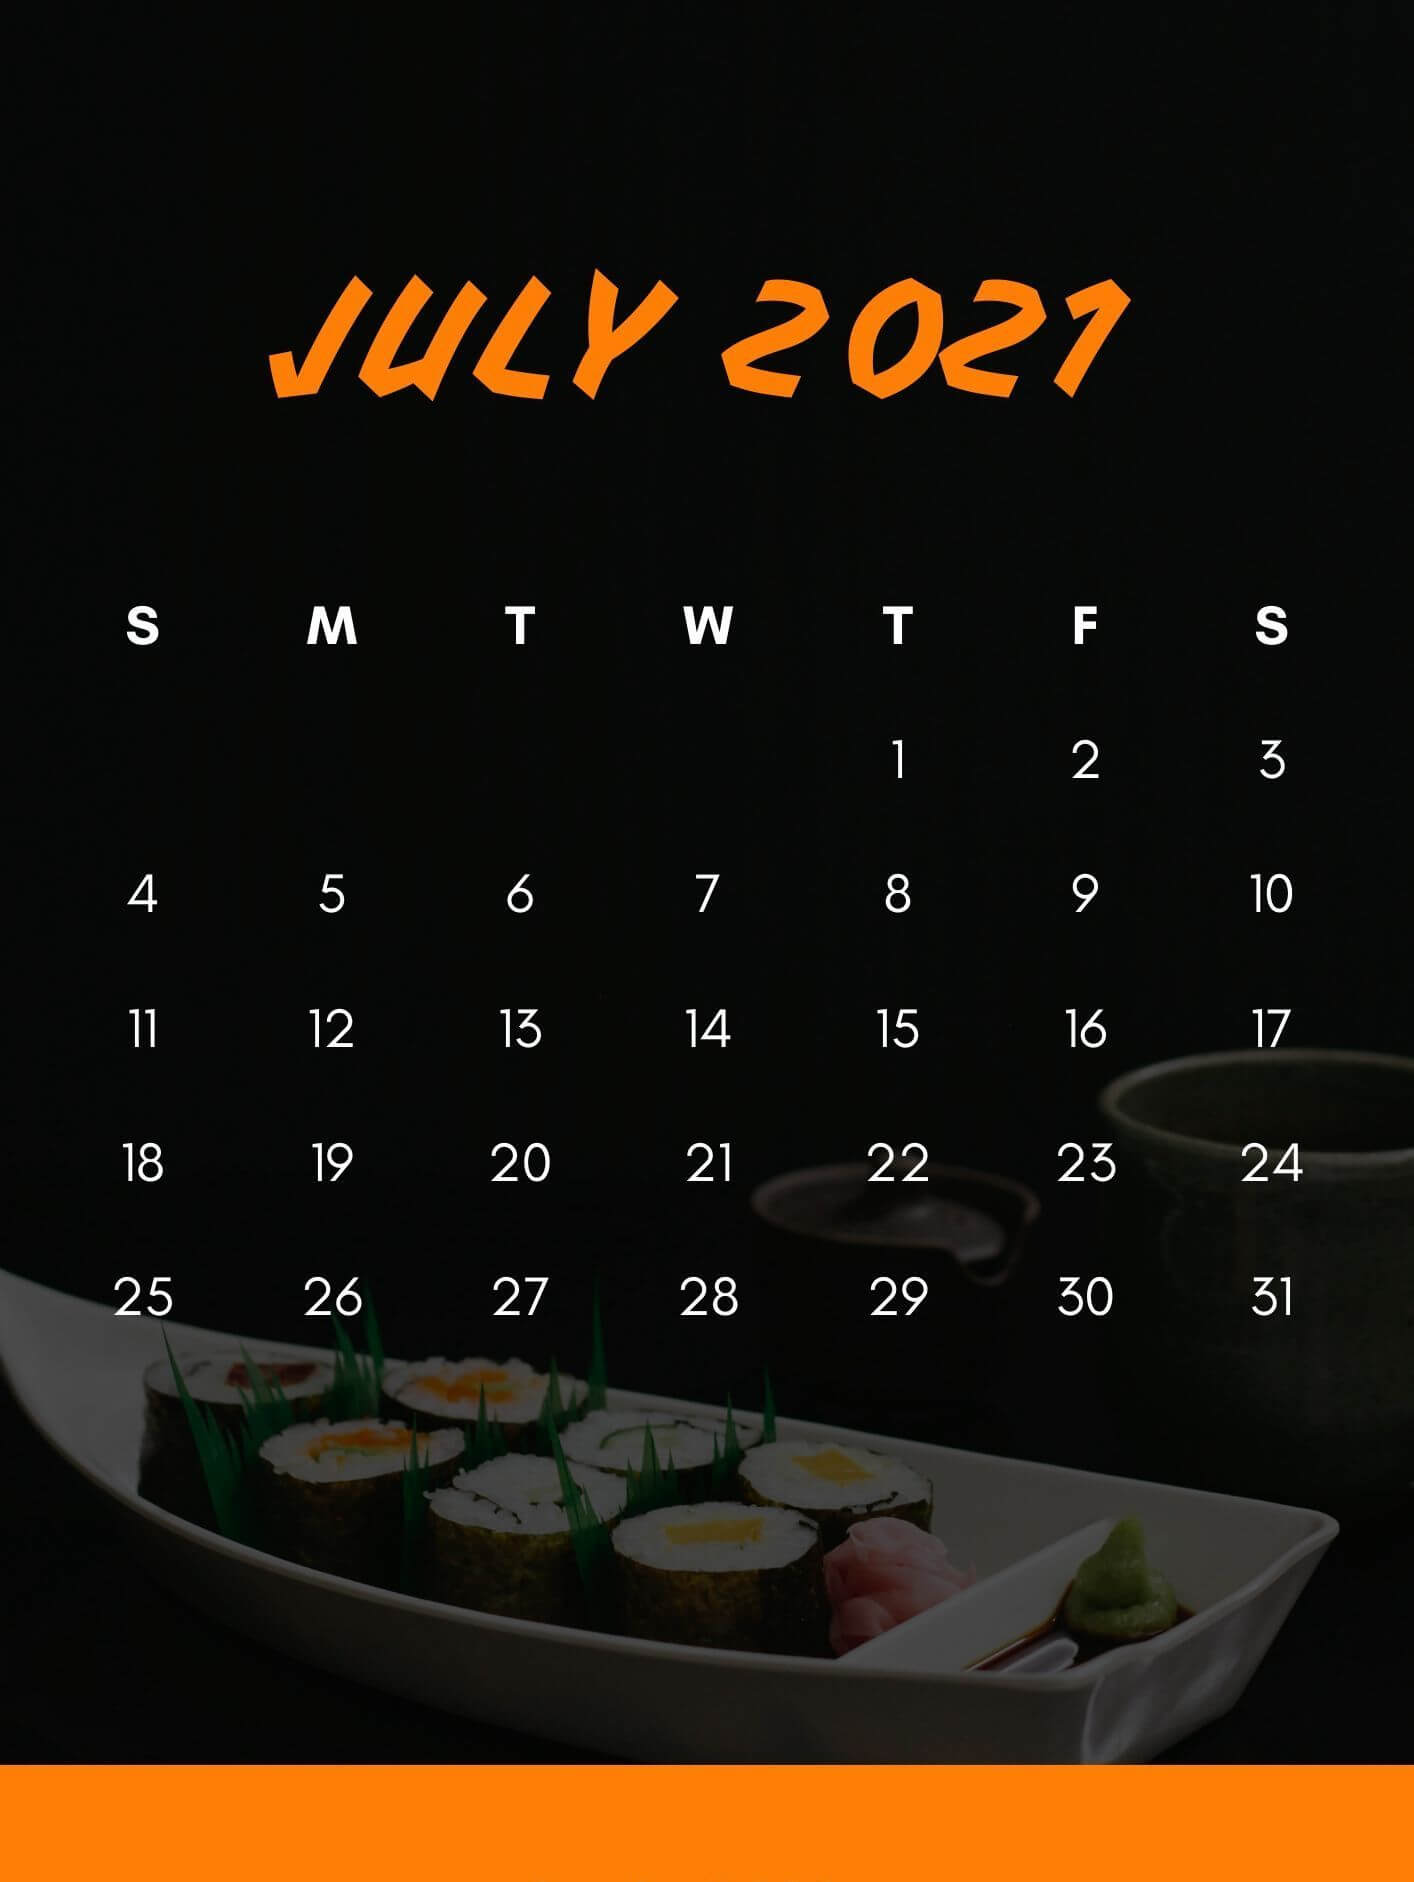 July 2021 iPhone Calendar Wallpaper